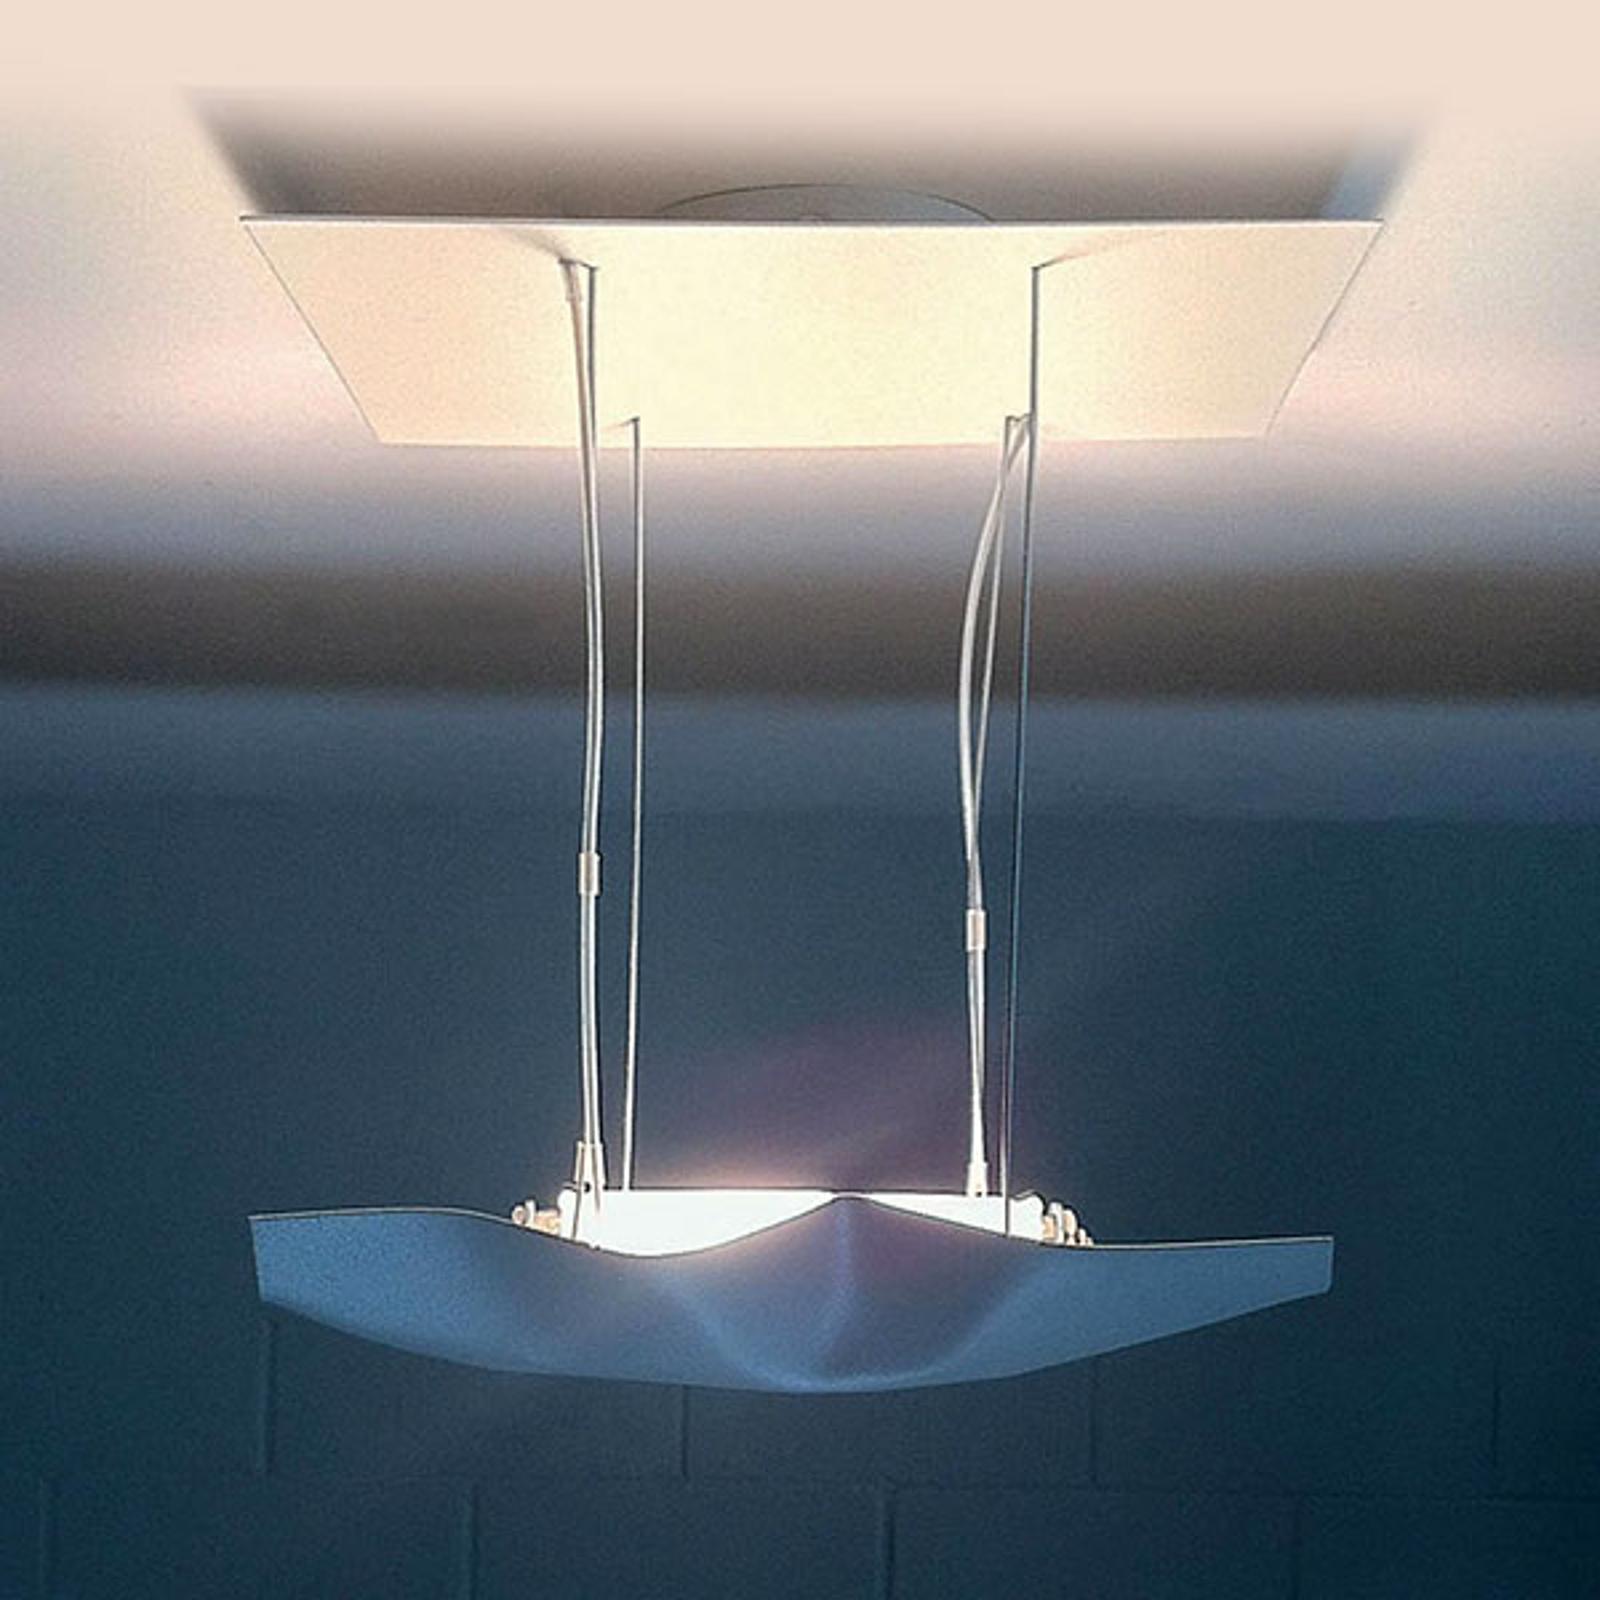 Knikerboker Piccola Crash LED-Deckenleuchte weiß